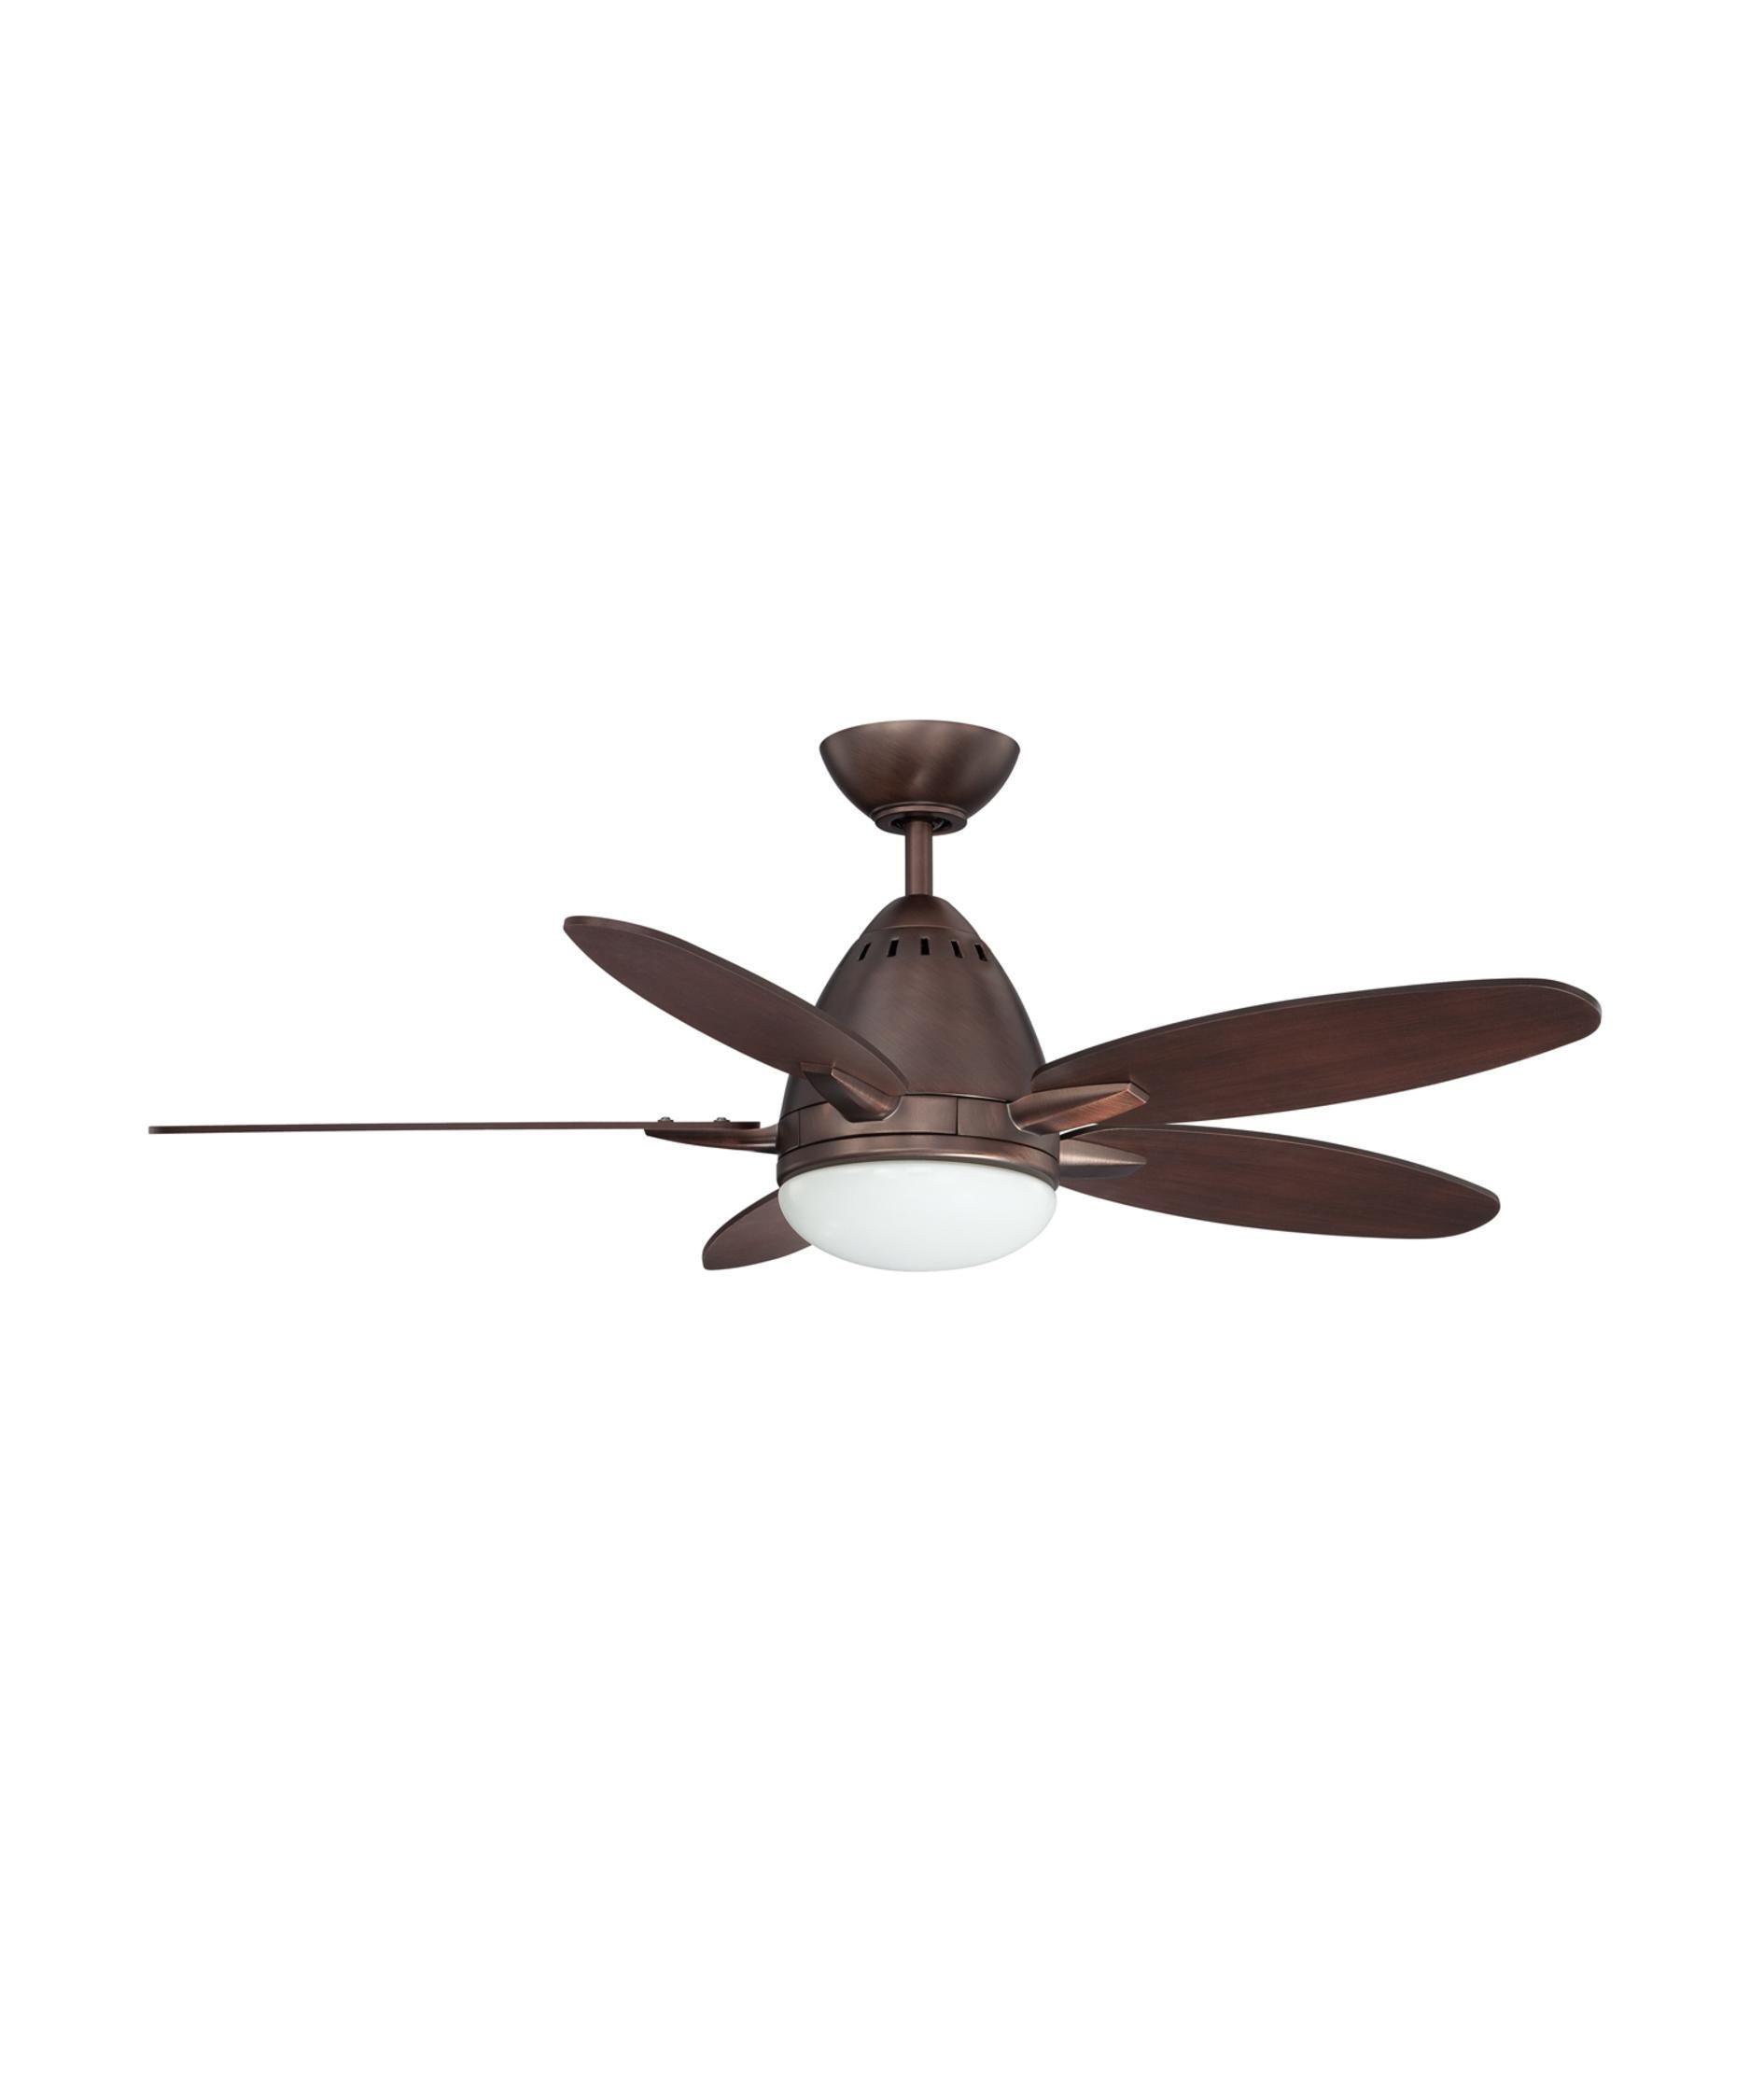 Monte Carlo Discus Ii 44 In Matte Black Ceiling Fan 5di44bkd The Home Depot Black Ceiling Fan Ceiling Fan White Ceiling Fan